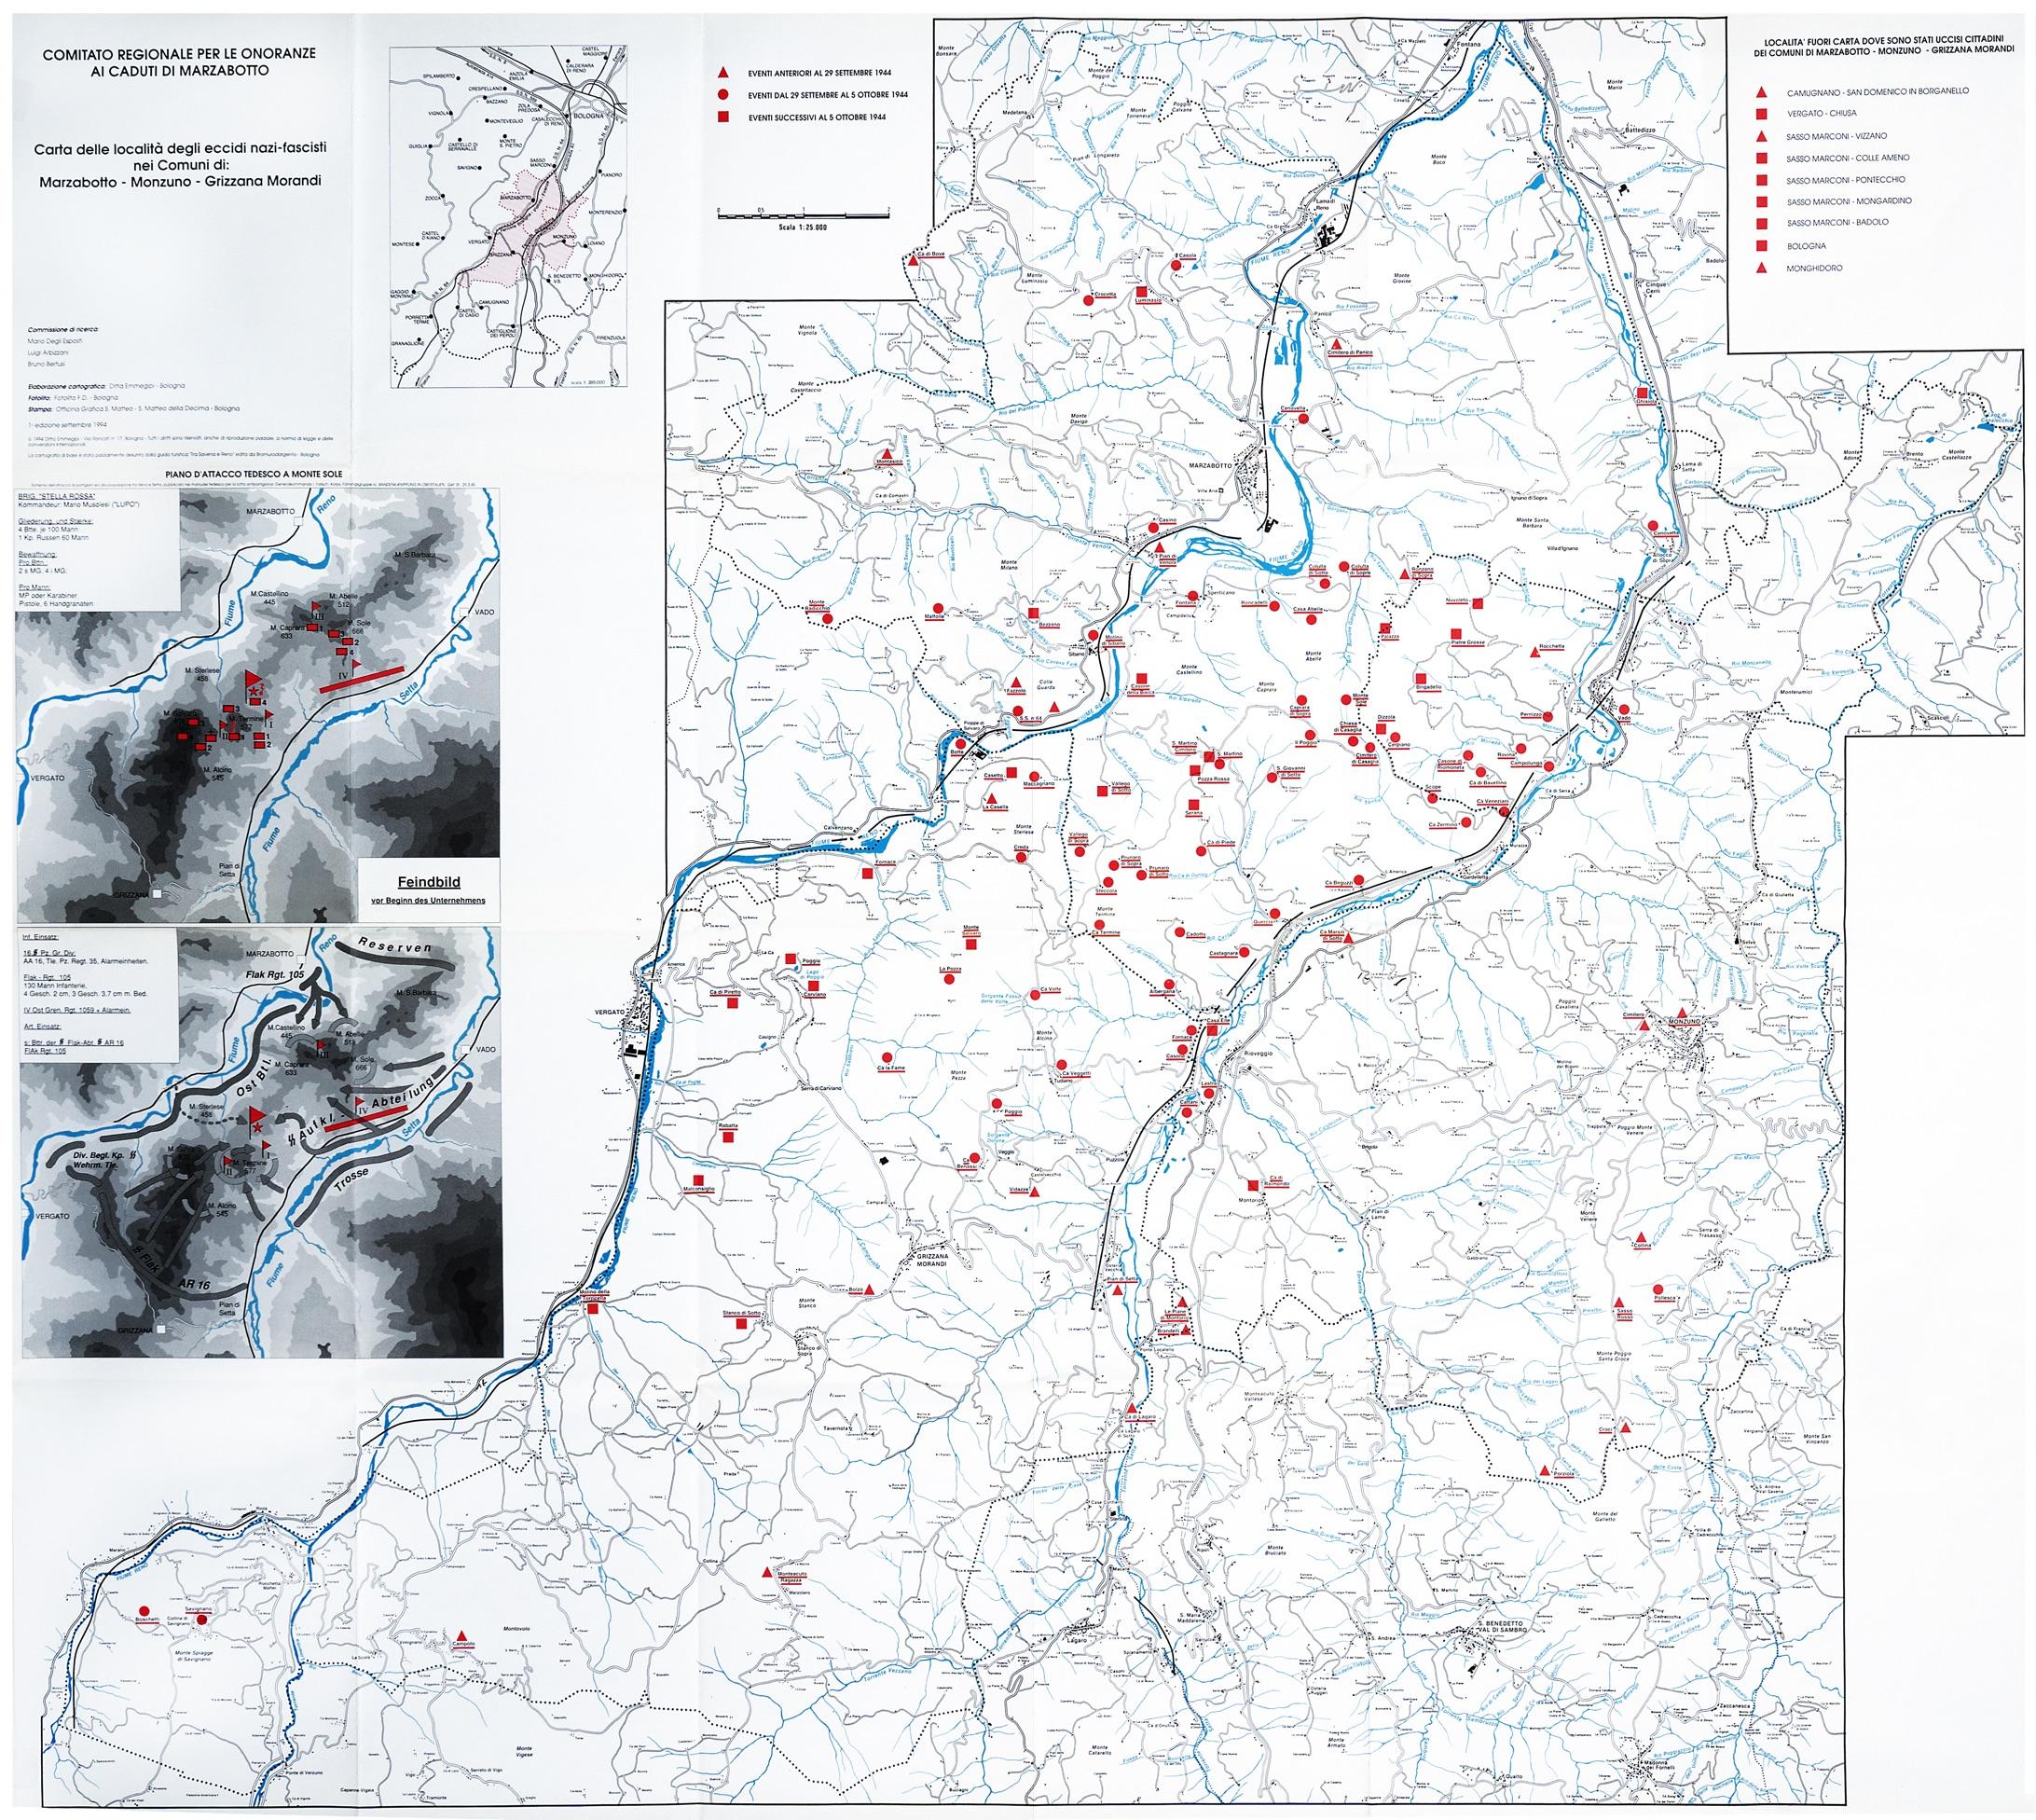 Carta delle località degli Eccidi nazi-fascisti nei Comuni di Marzabotto, Monzuno e Grizzana Morandi